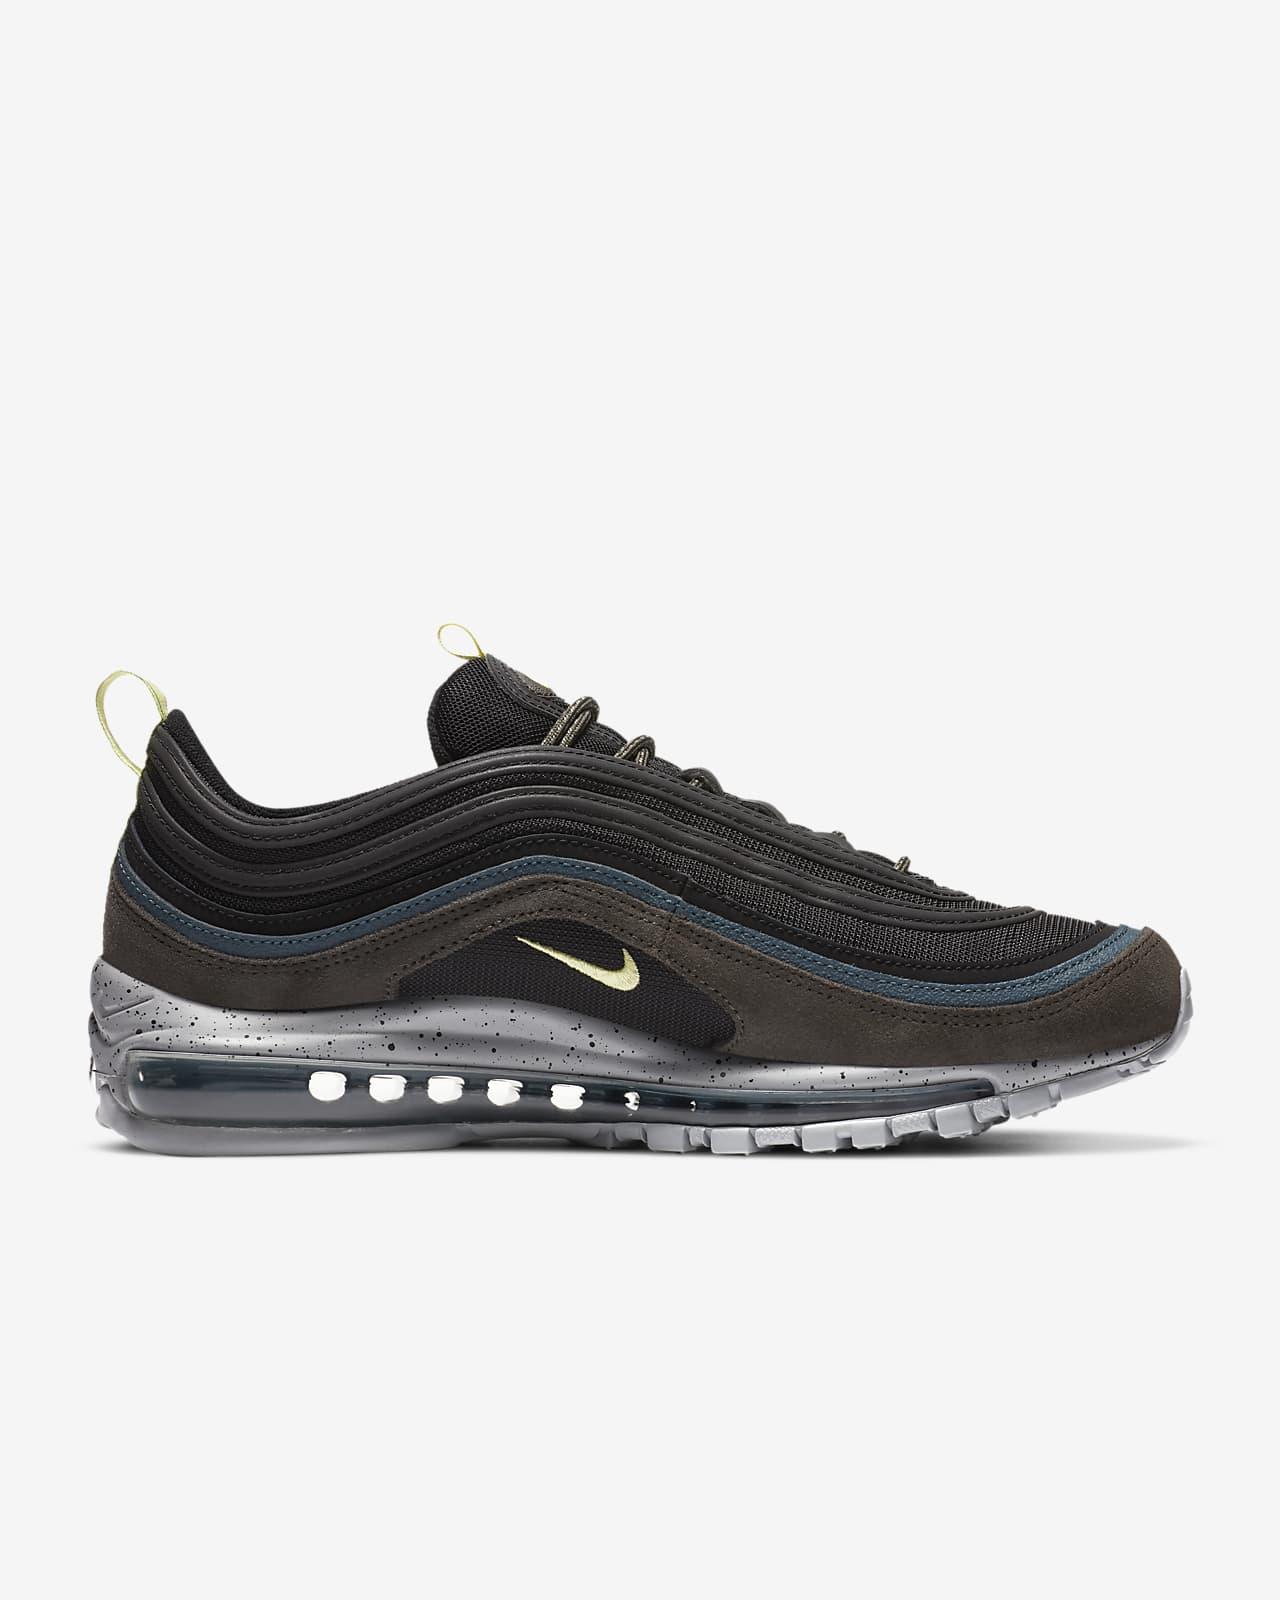 Nike Air Max 97 Herrenschuh